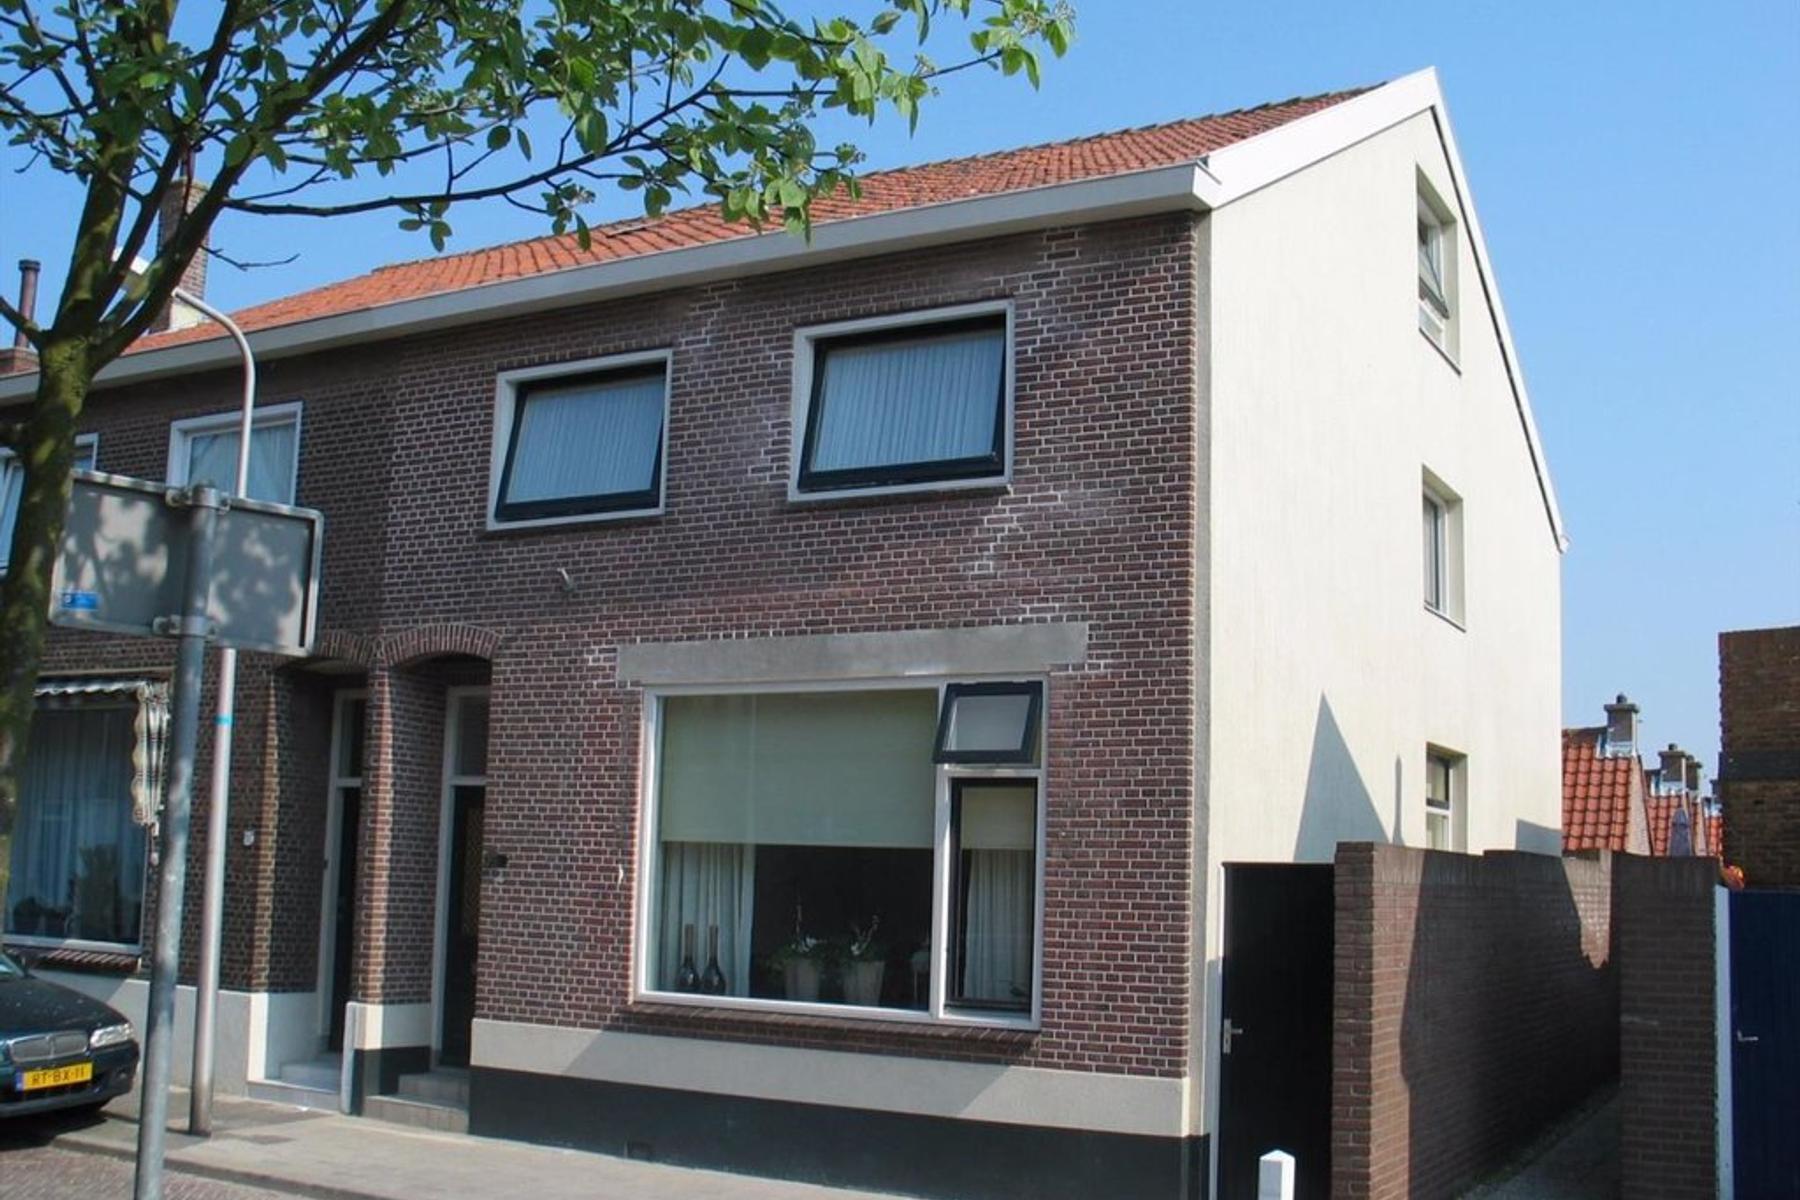 Jan tooropstraat 104 in katwijk 2225 xx: woonhuis. ster makelaardij